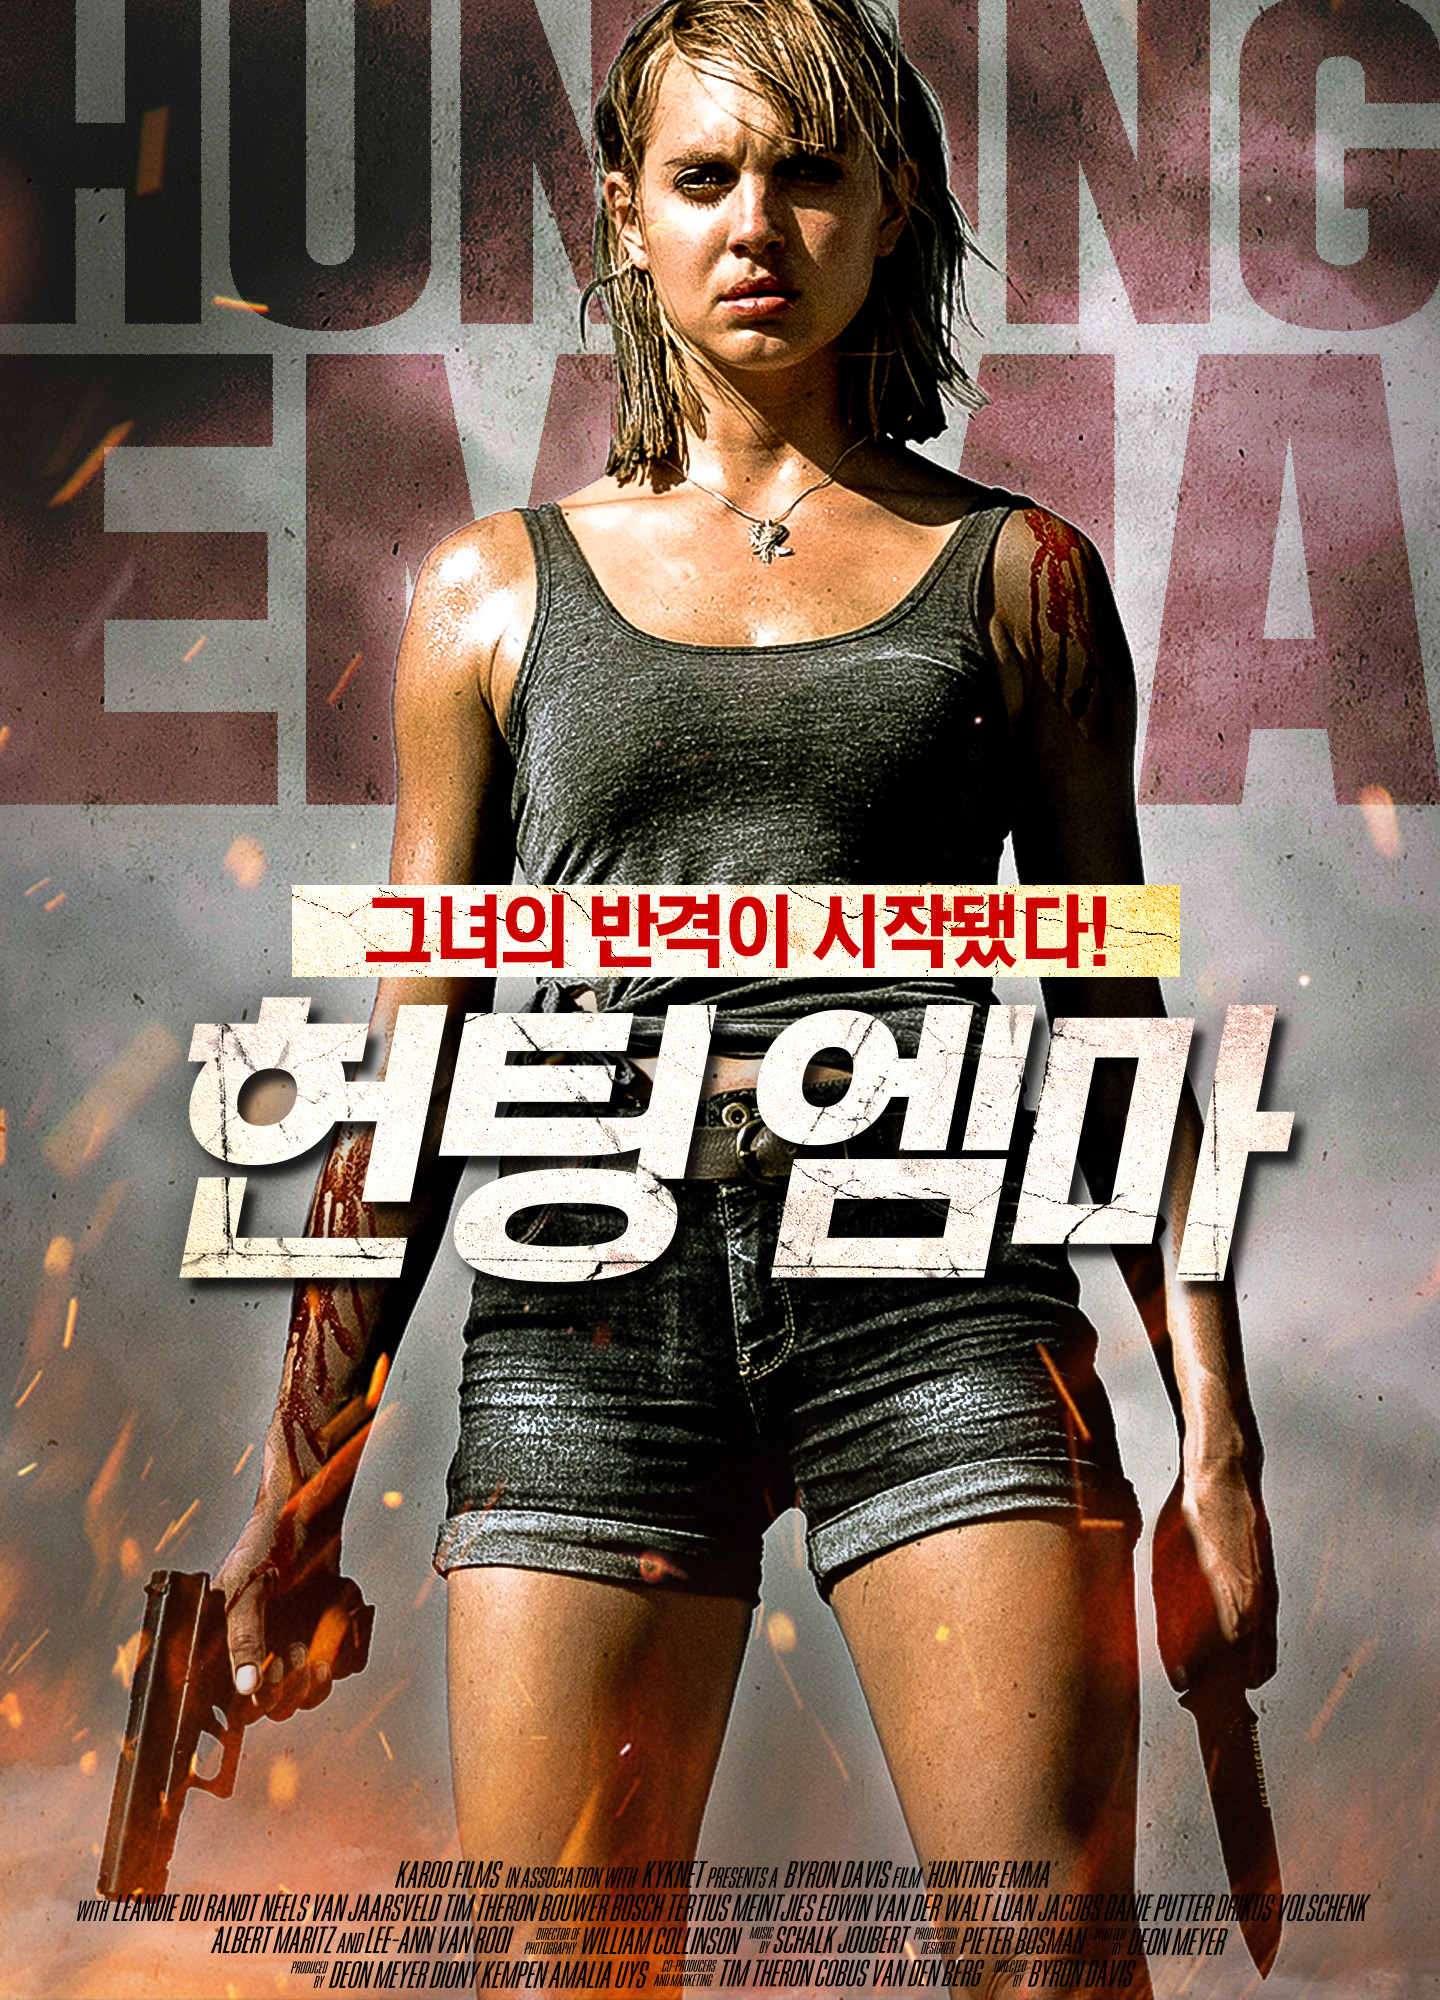 영화 헌팅 엠마 포스터